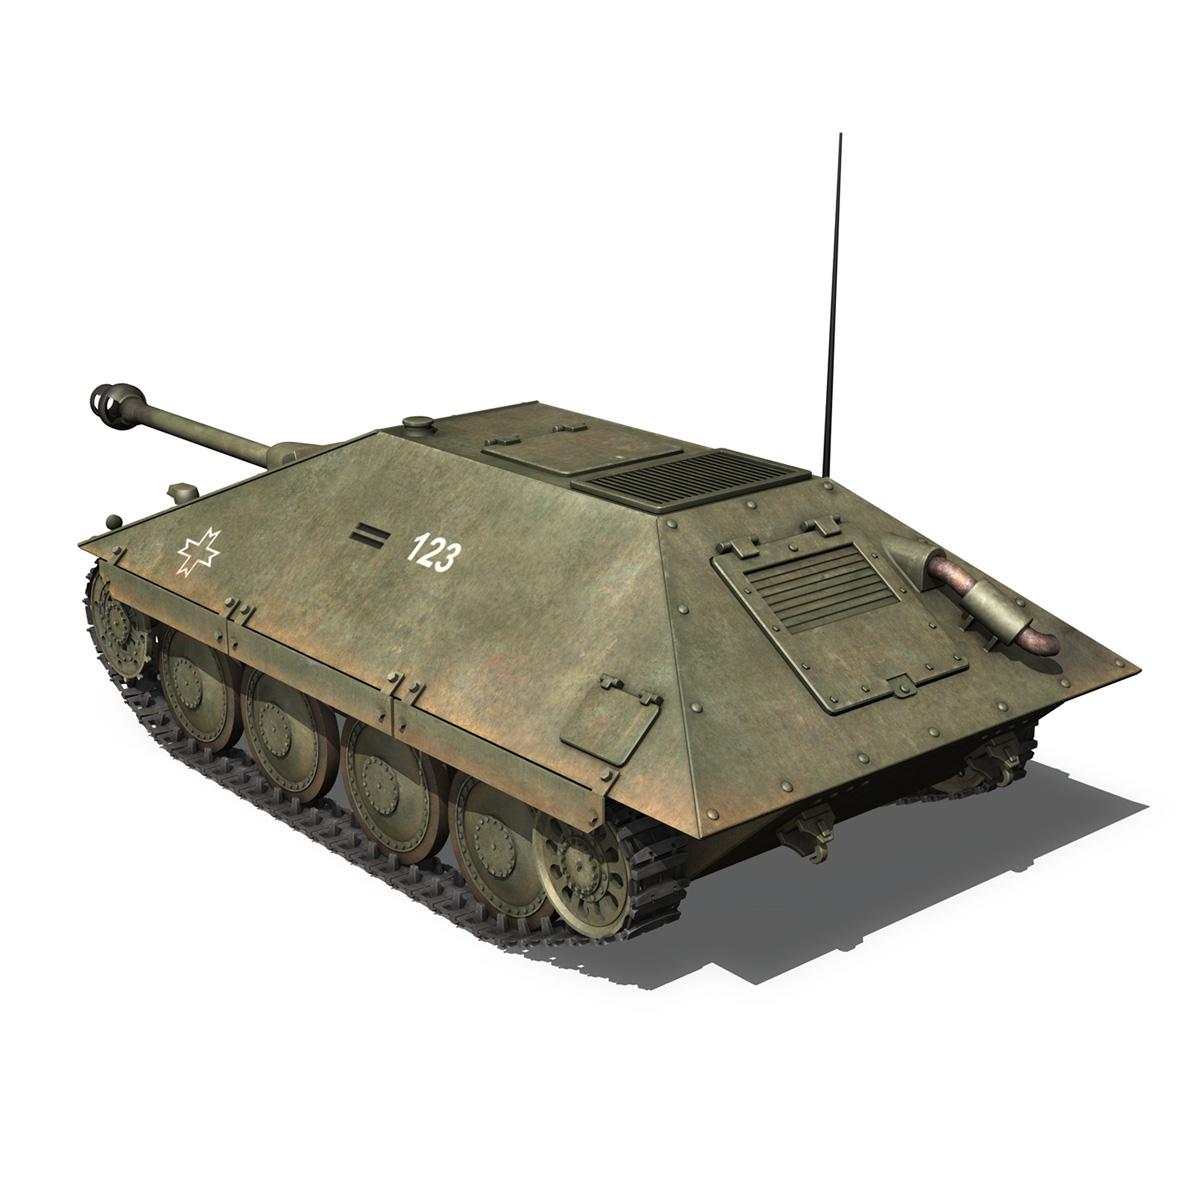 maresal m05 – romanian tank destroyer 3d model 3ds fbx c4d lwo obj 278107